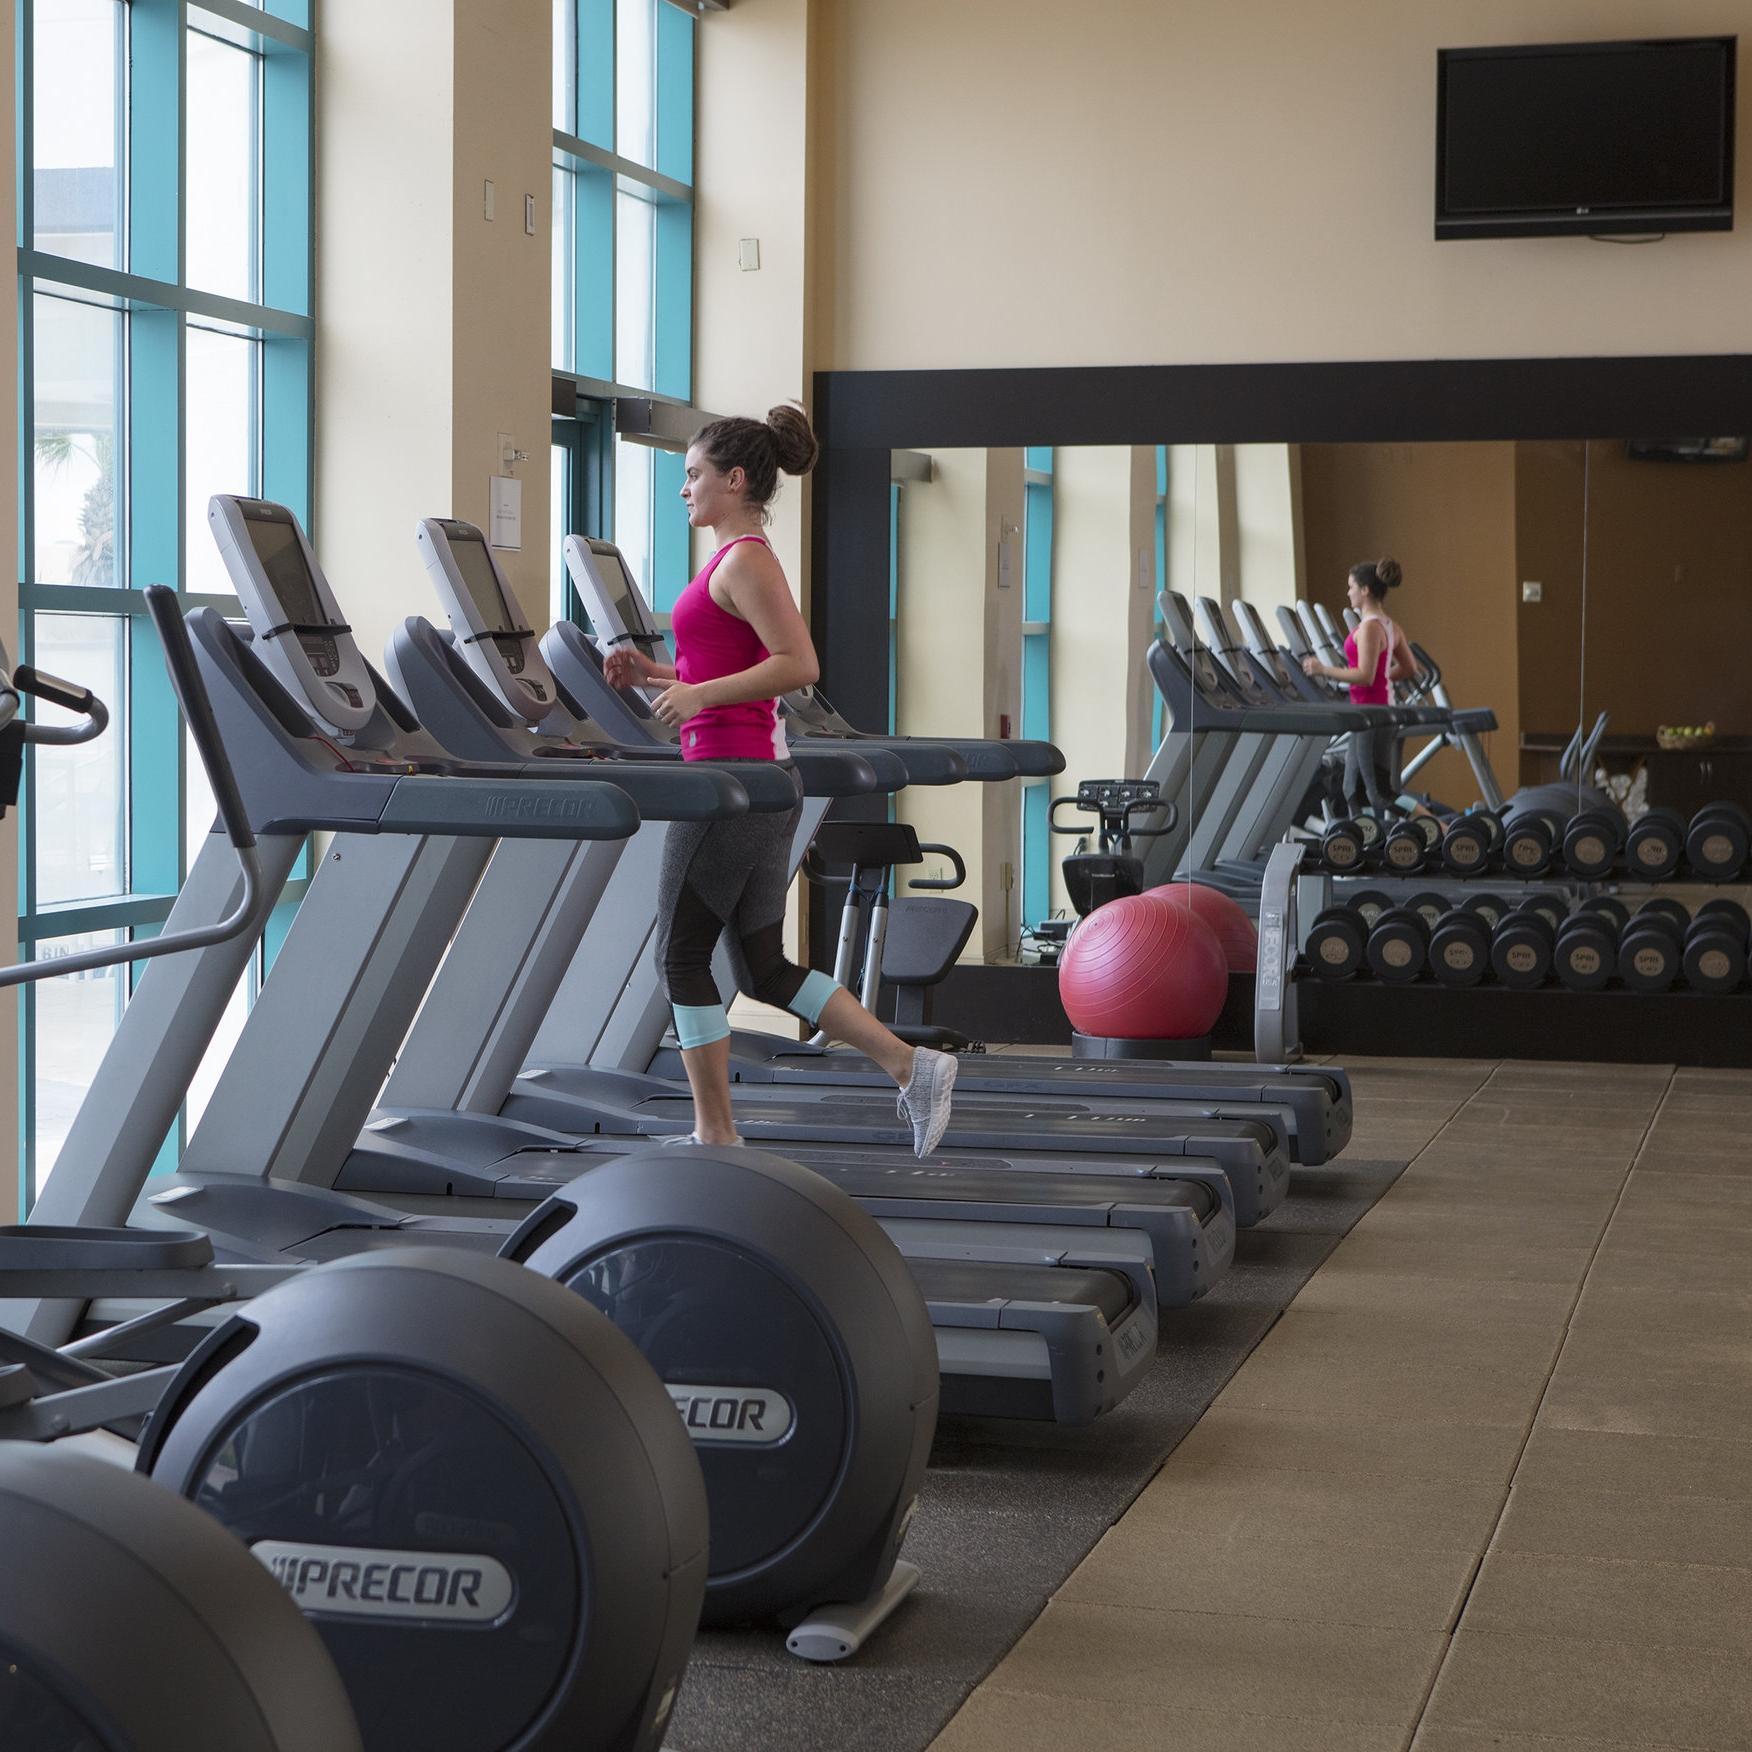 DBHR_310 fitness center.jpg